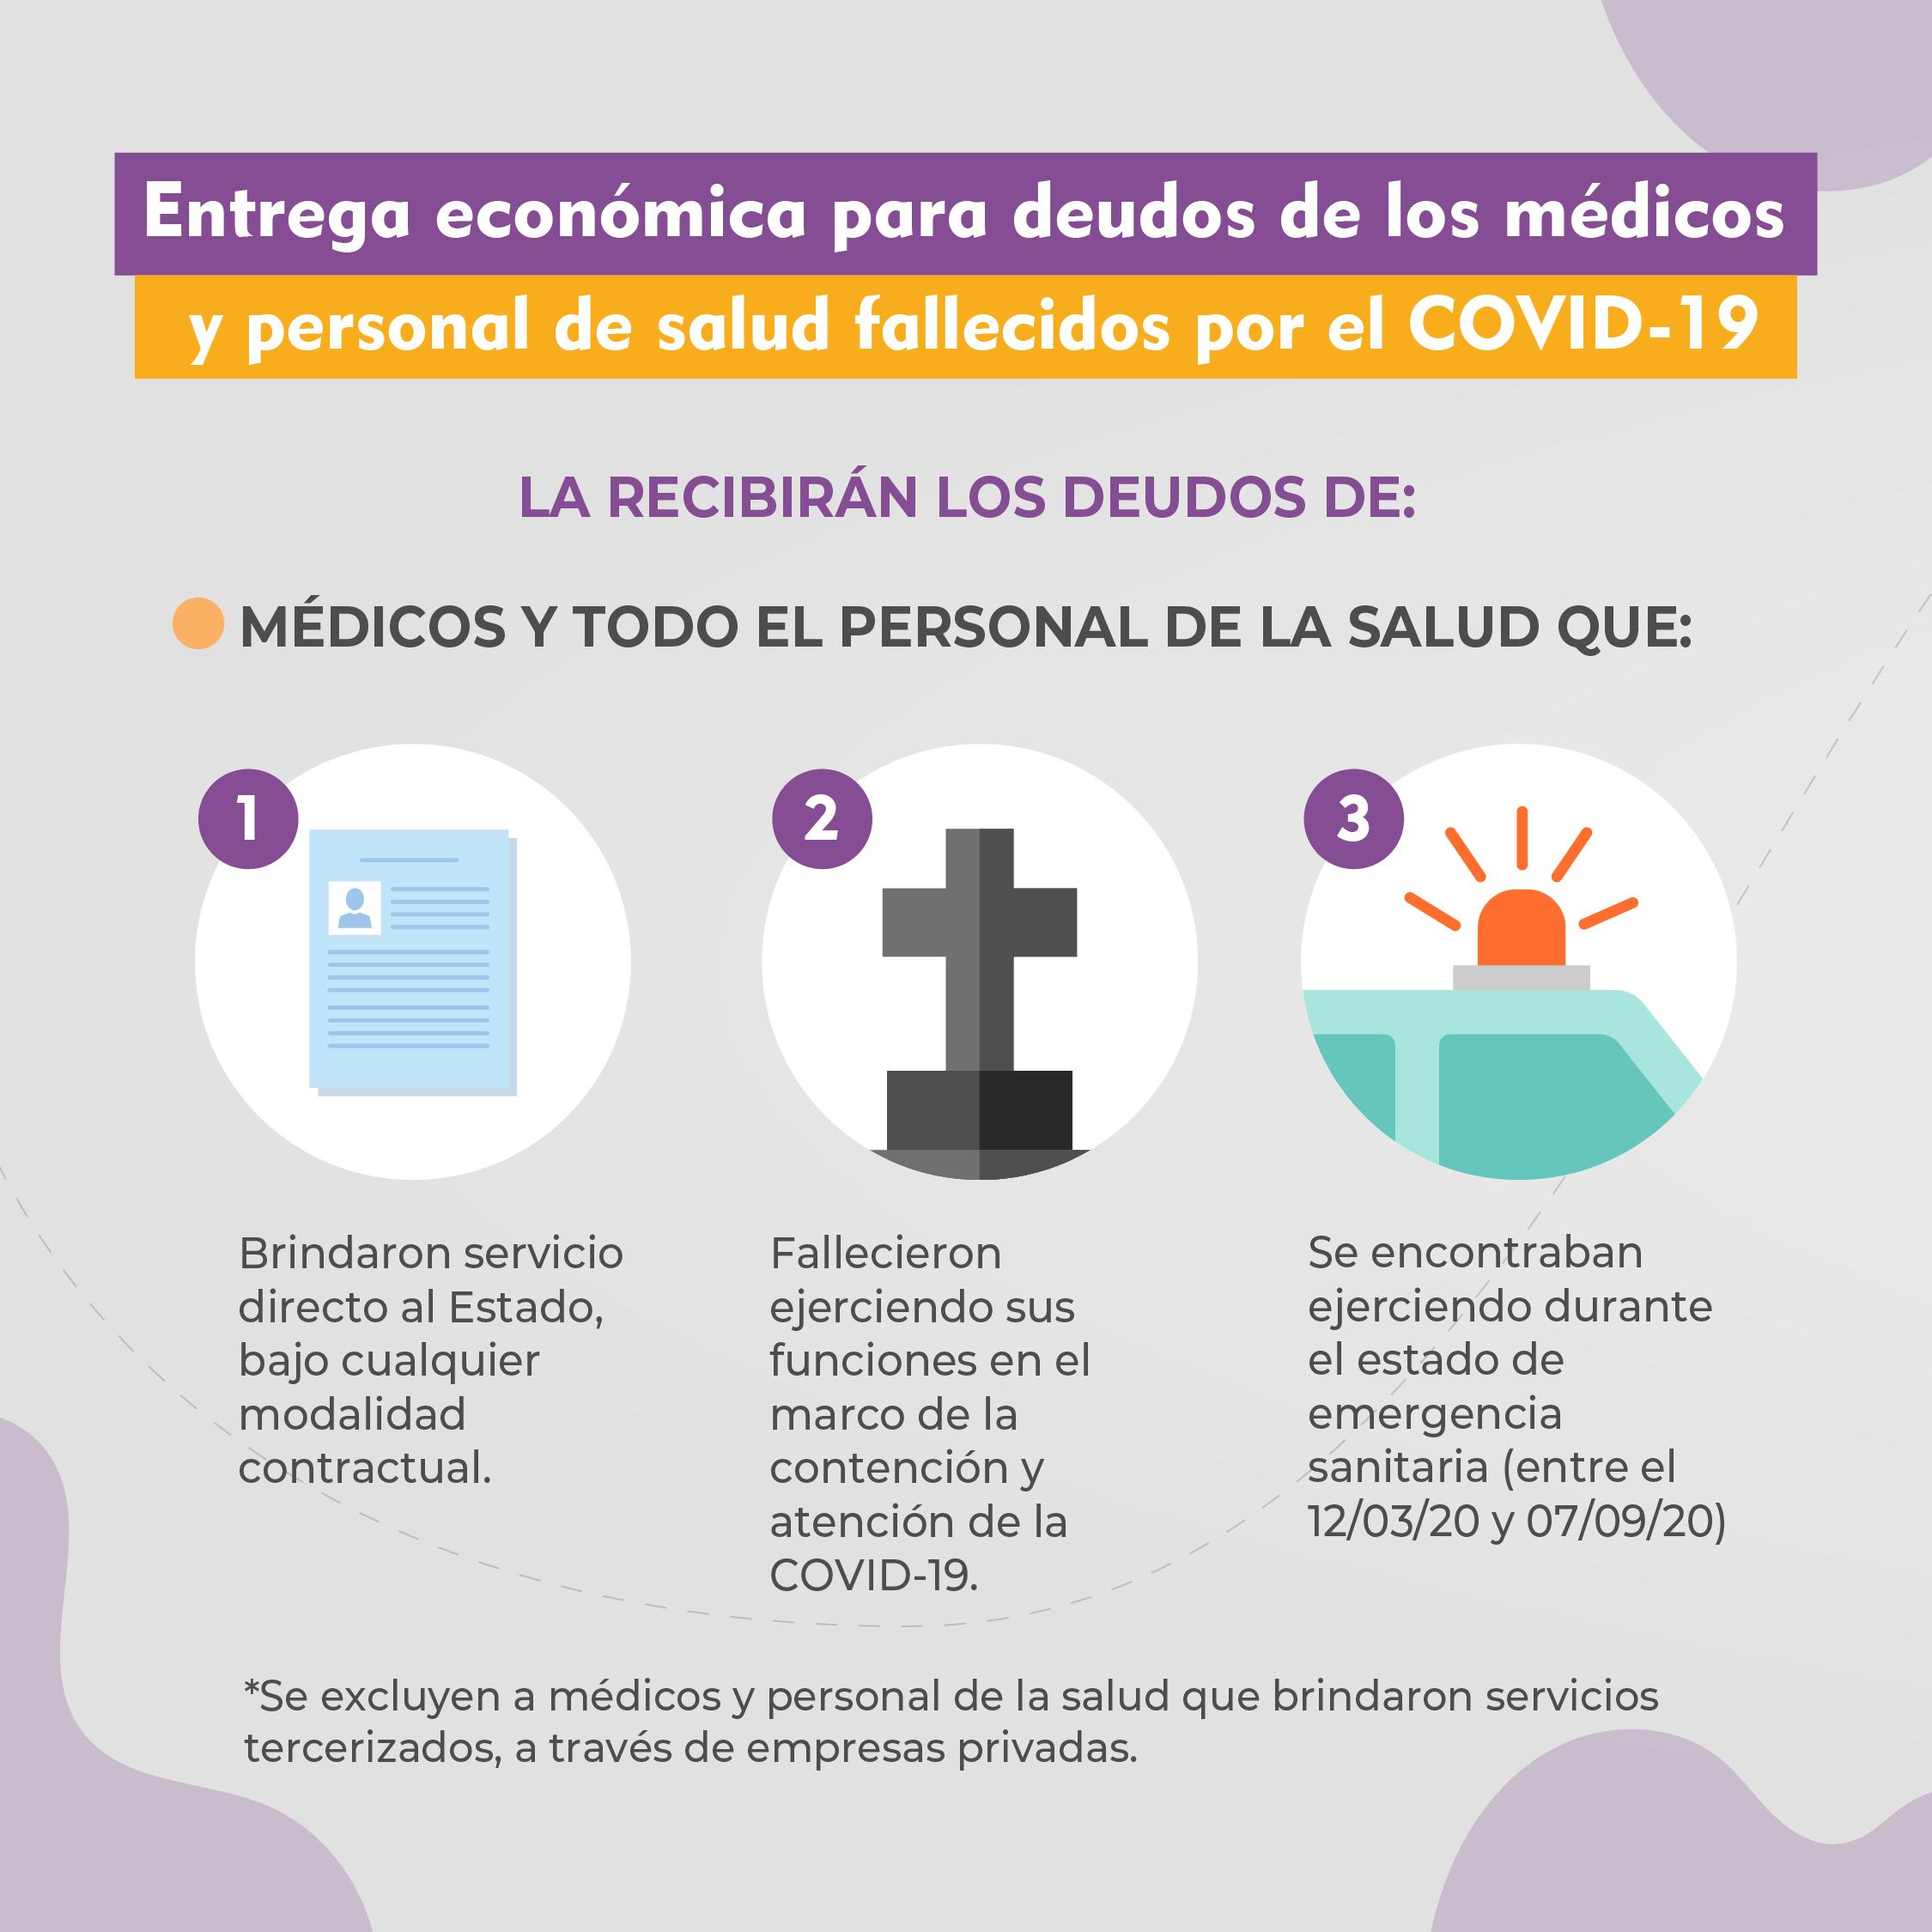 ENTREGA ECONÓMICA PARA DEUDOS DE LOS MÉDICOS